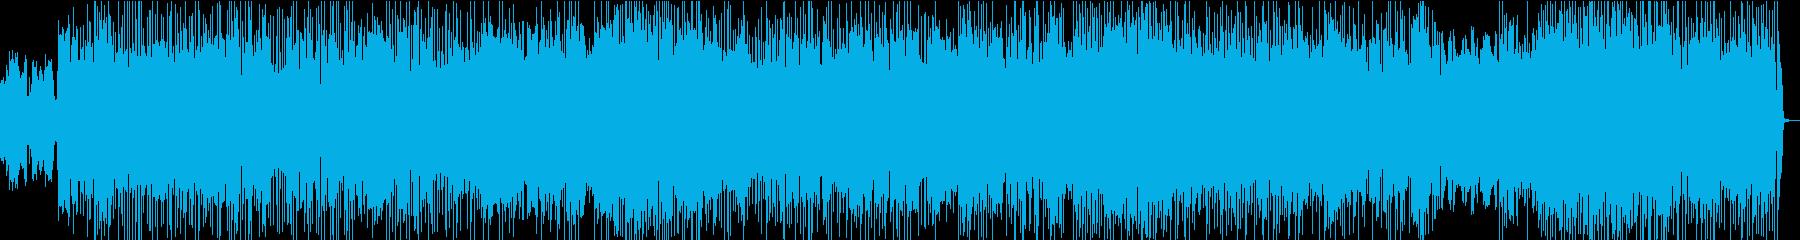 卒業ソング/女性Vo/爽やかなポップスの再生済みの波形